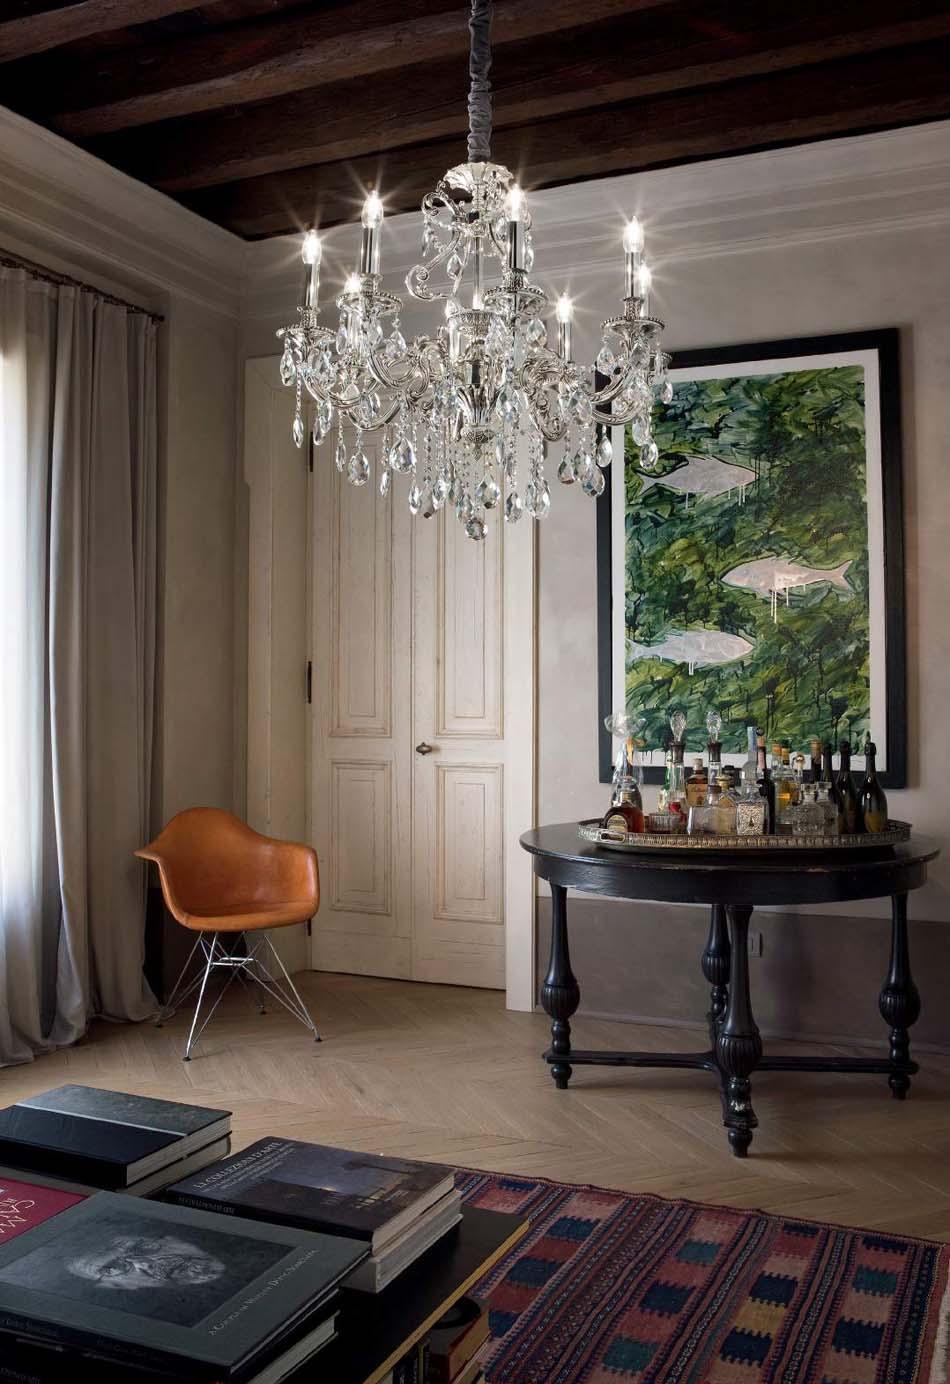 Lampade 24 sospensione Classico Ideal Lux Gioconda – Bruni Arredamenti